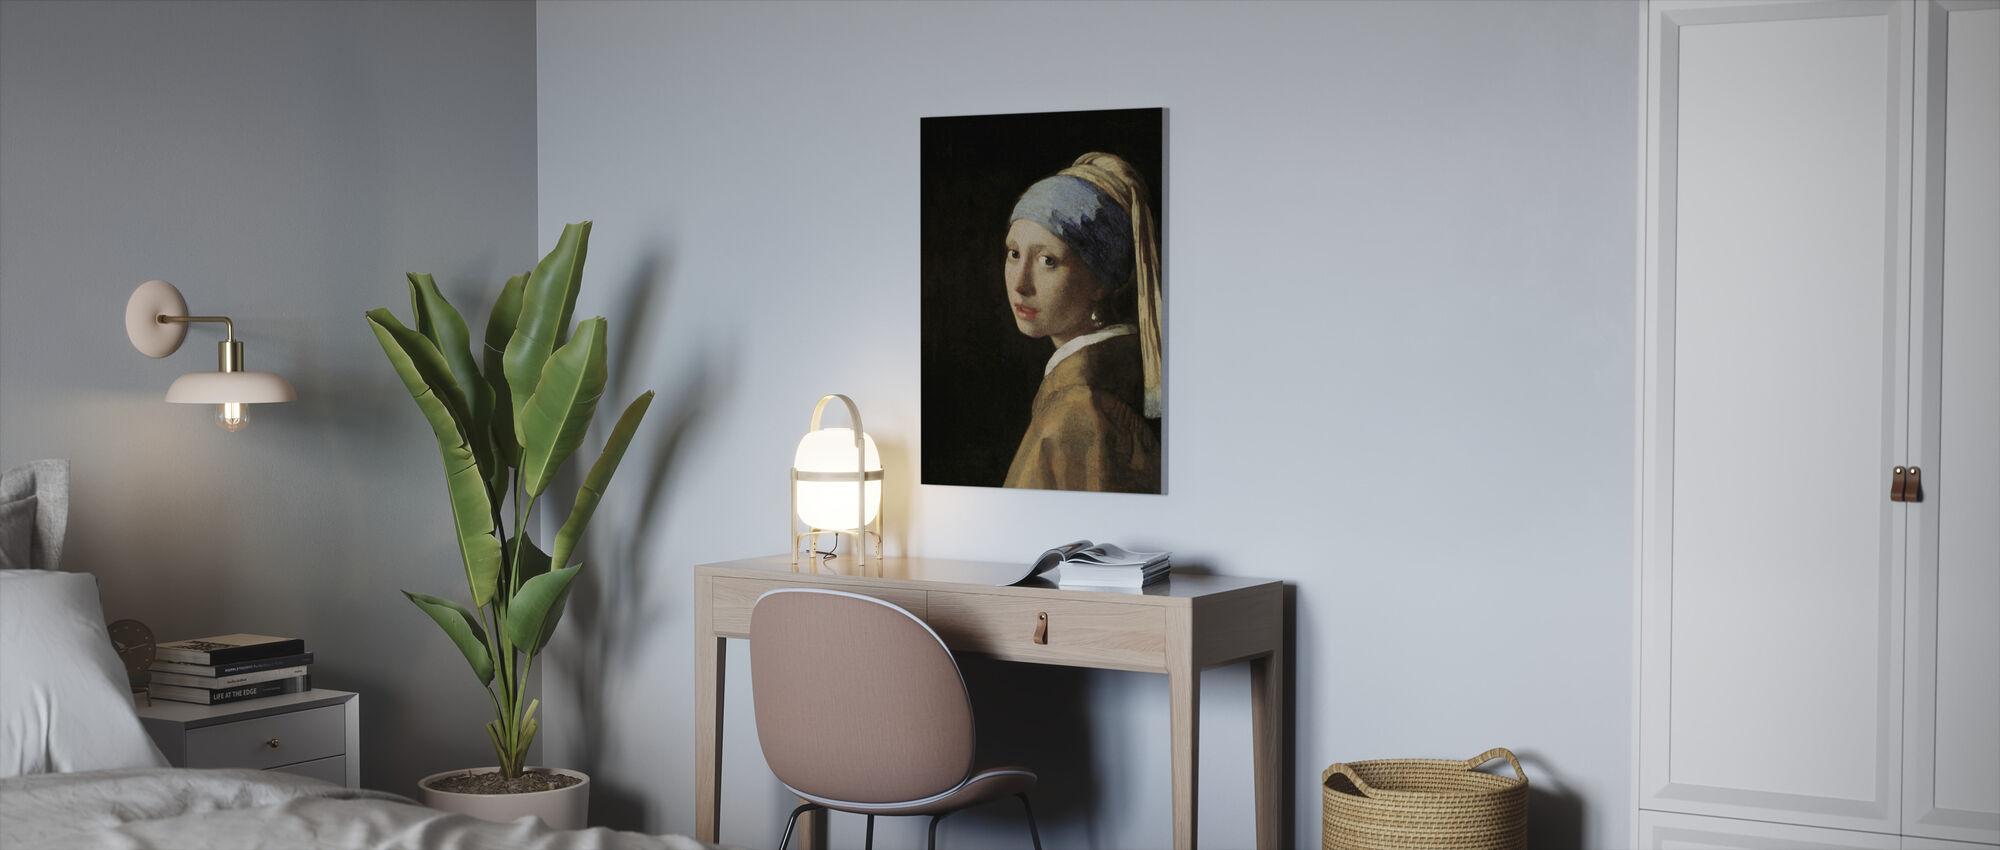 Tyttö, jossa Helmi Korvakoru, Jan Vermeer - Canvastaulu - Toimisto